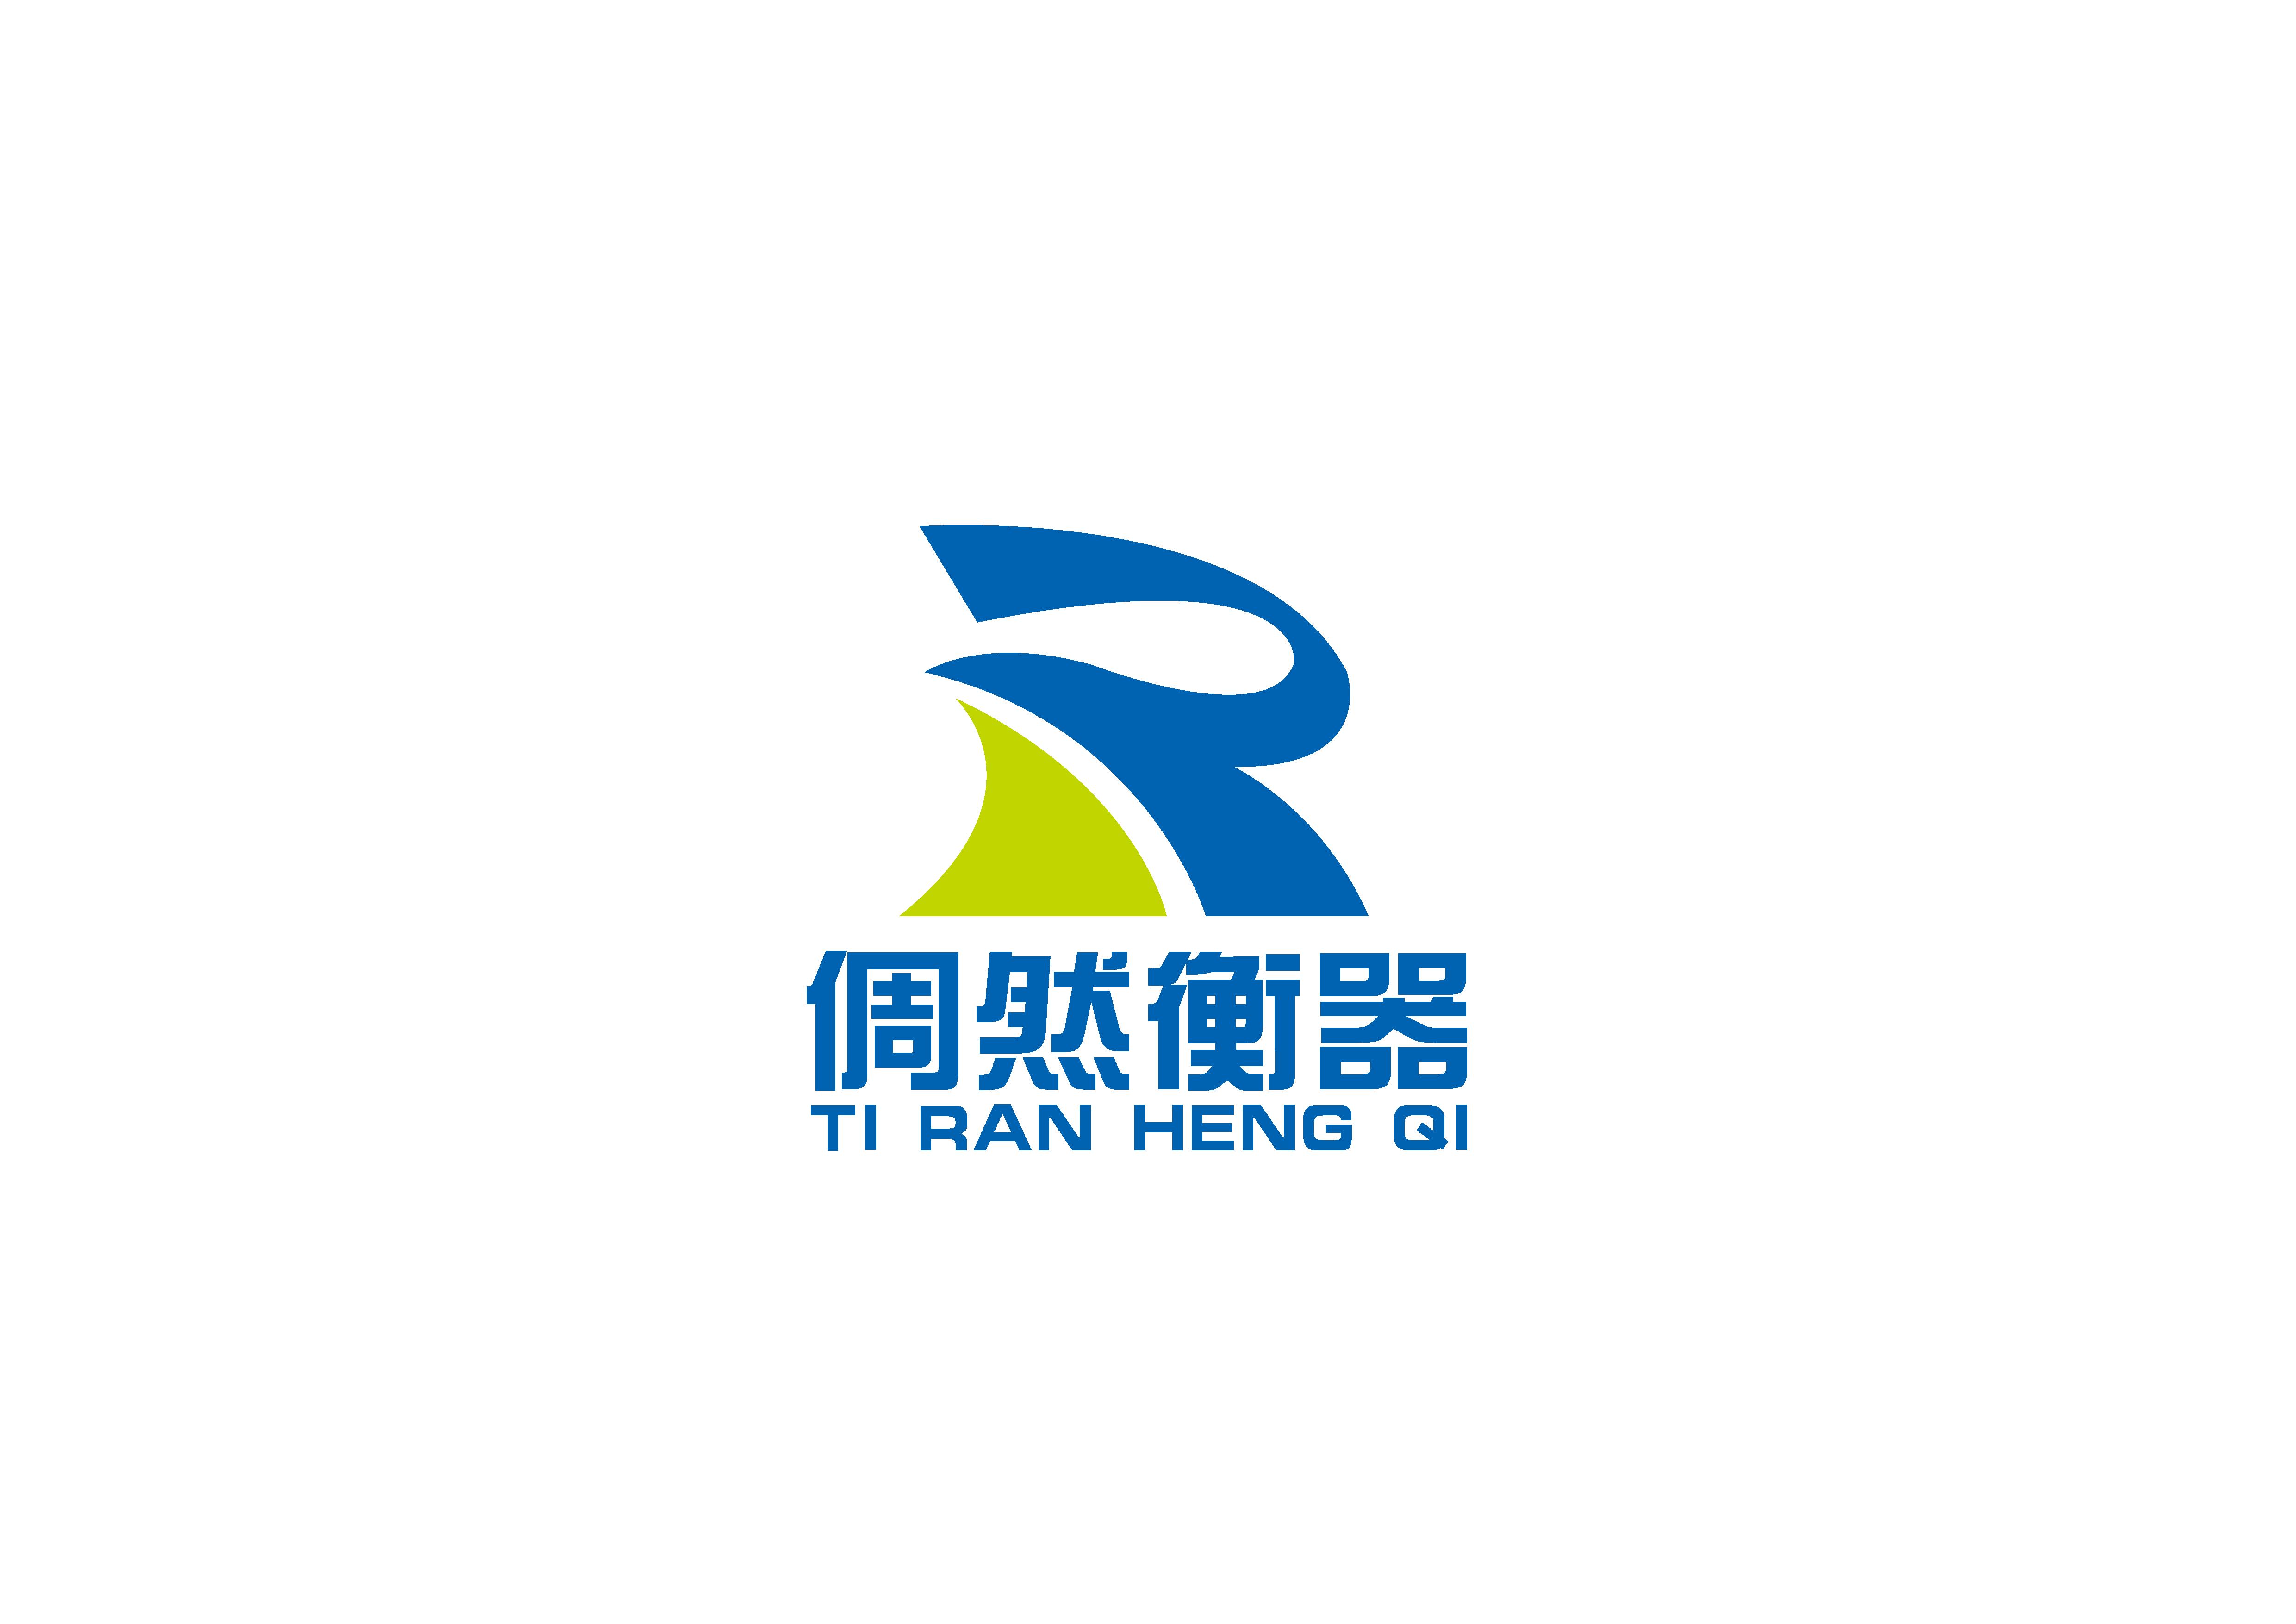 上海倜然電子科技有限公司